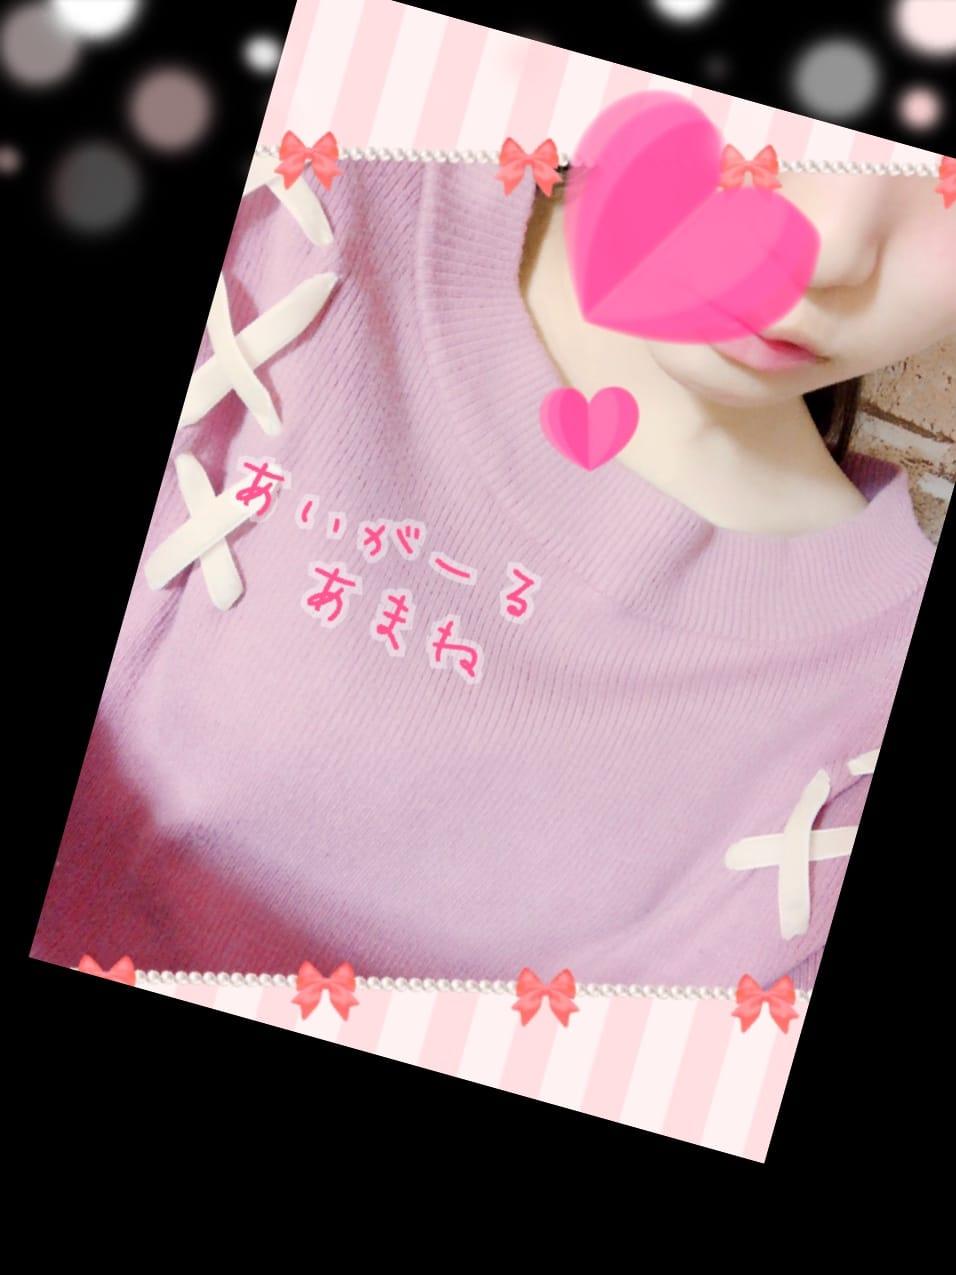 「昨日のお礼です☆」03/15(03/15) 02:03 | あまねの写メ・風俗動画